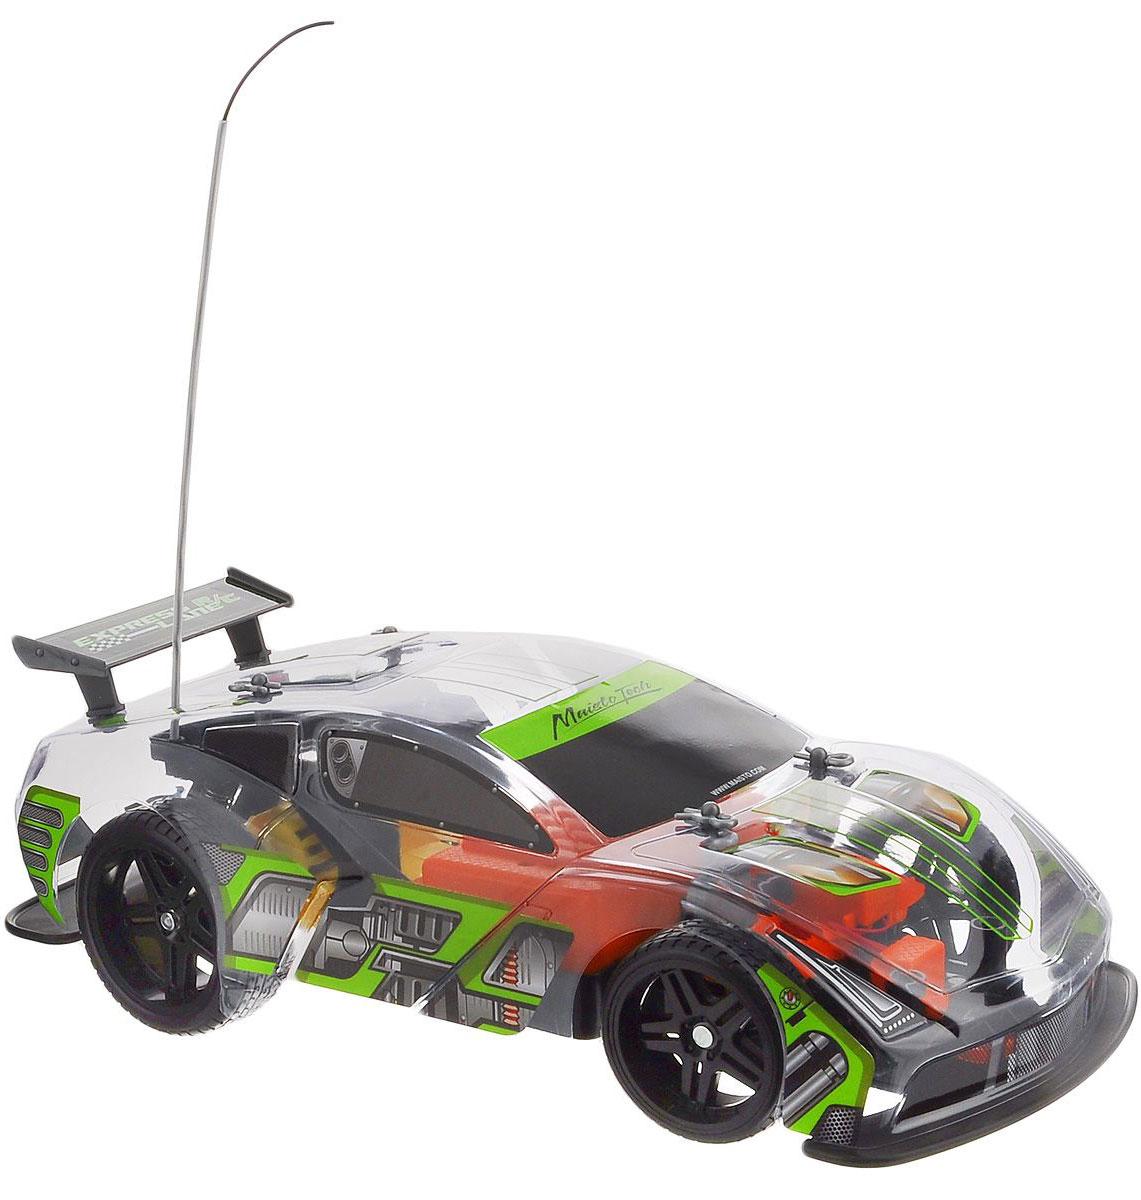 Maisto Машина на радиоуправлении Express Lane VRT-16 цвет прозрачный81200_прозрачныйРадиоуправляемая модель Maisto Express Lane VRT-16 с ярким привлекающим внимание дизайном обязательно понравится всем любителям гоночных автомобилей. Корпус выполнен из высококачественного пластика. Машина представляет собой копию машины, уменьшенную в 14 раз. Двигается в нескольких направлениях: вперед, назад, вправо, влево. Автомобиль оснащен профессиональным передатчиком с частотой 27 MHz. Управление с помощью дистанционного пульта управления (поставляется в комплекте). В комплекте инструкция по эксплуатации на русском языке. Для работы машины необходимо докупить 6 батареек напряжением 1,5V типа АА (в комплект не входят). Для работы пульта управления необходимо докупить 2 батарейки напряжением 1,5V типа ААА (в комплект не входят).